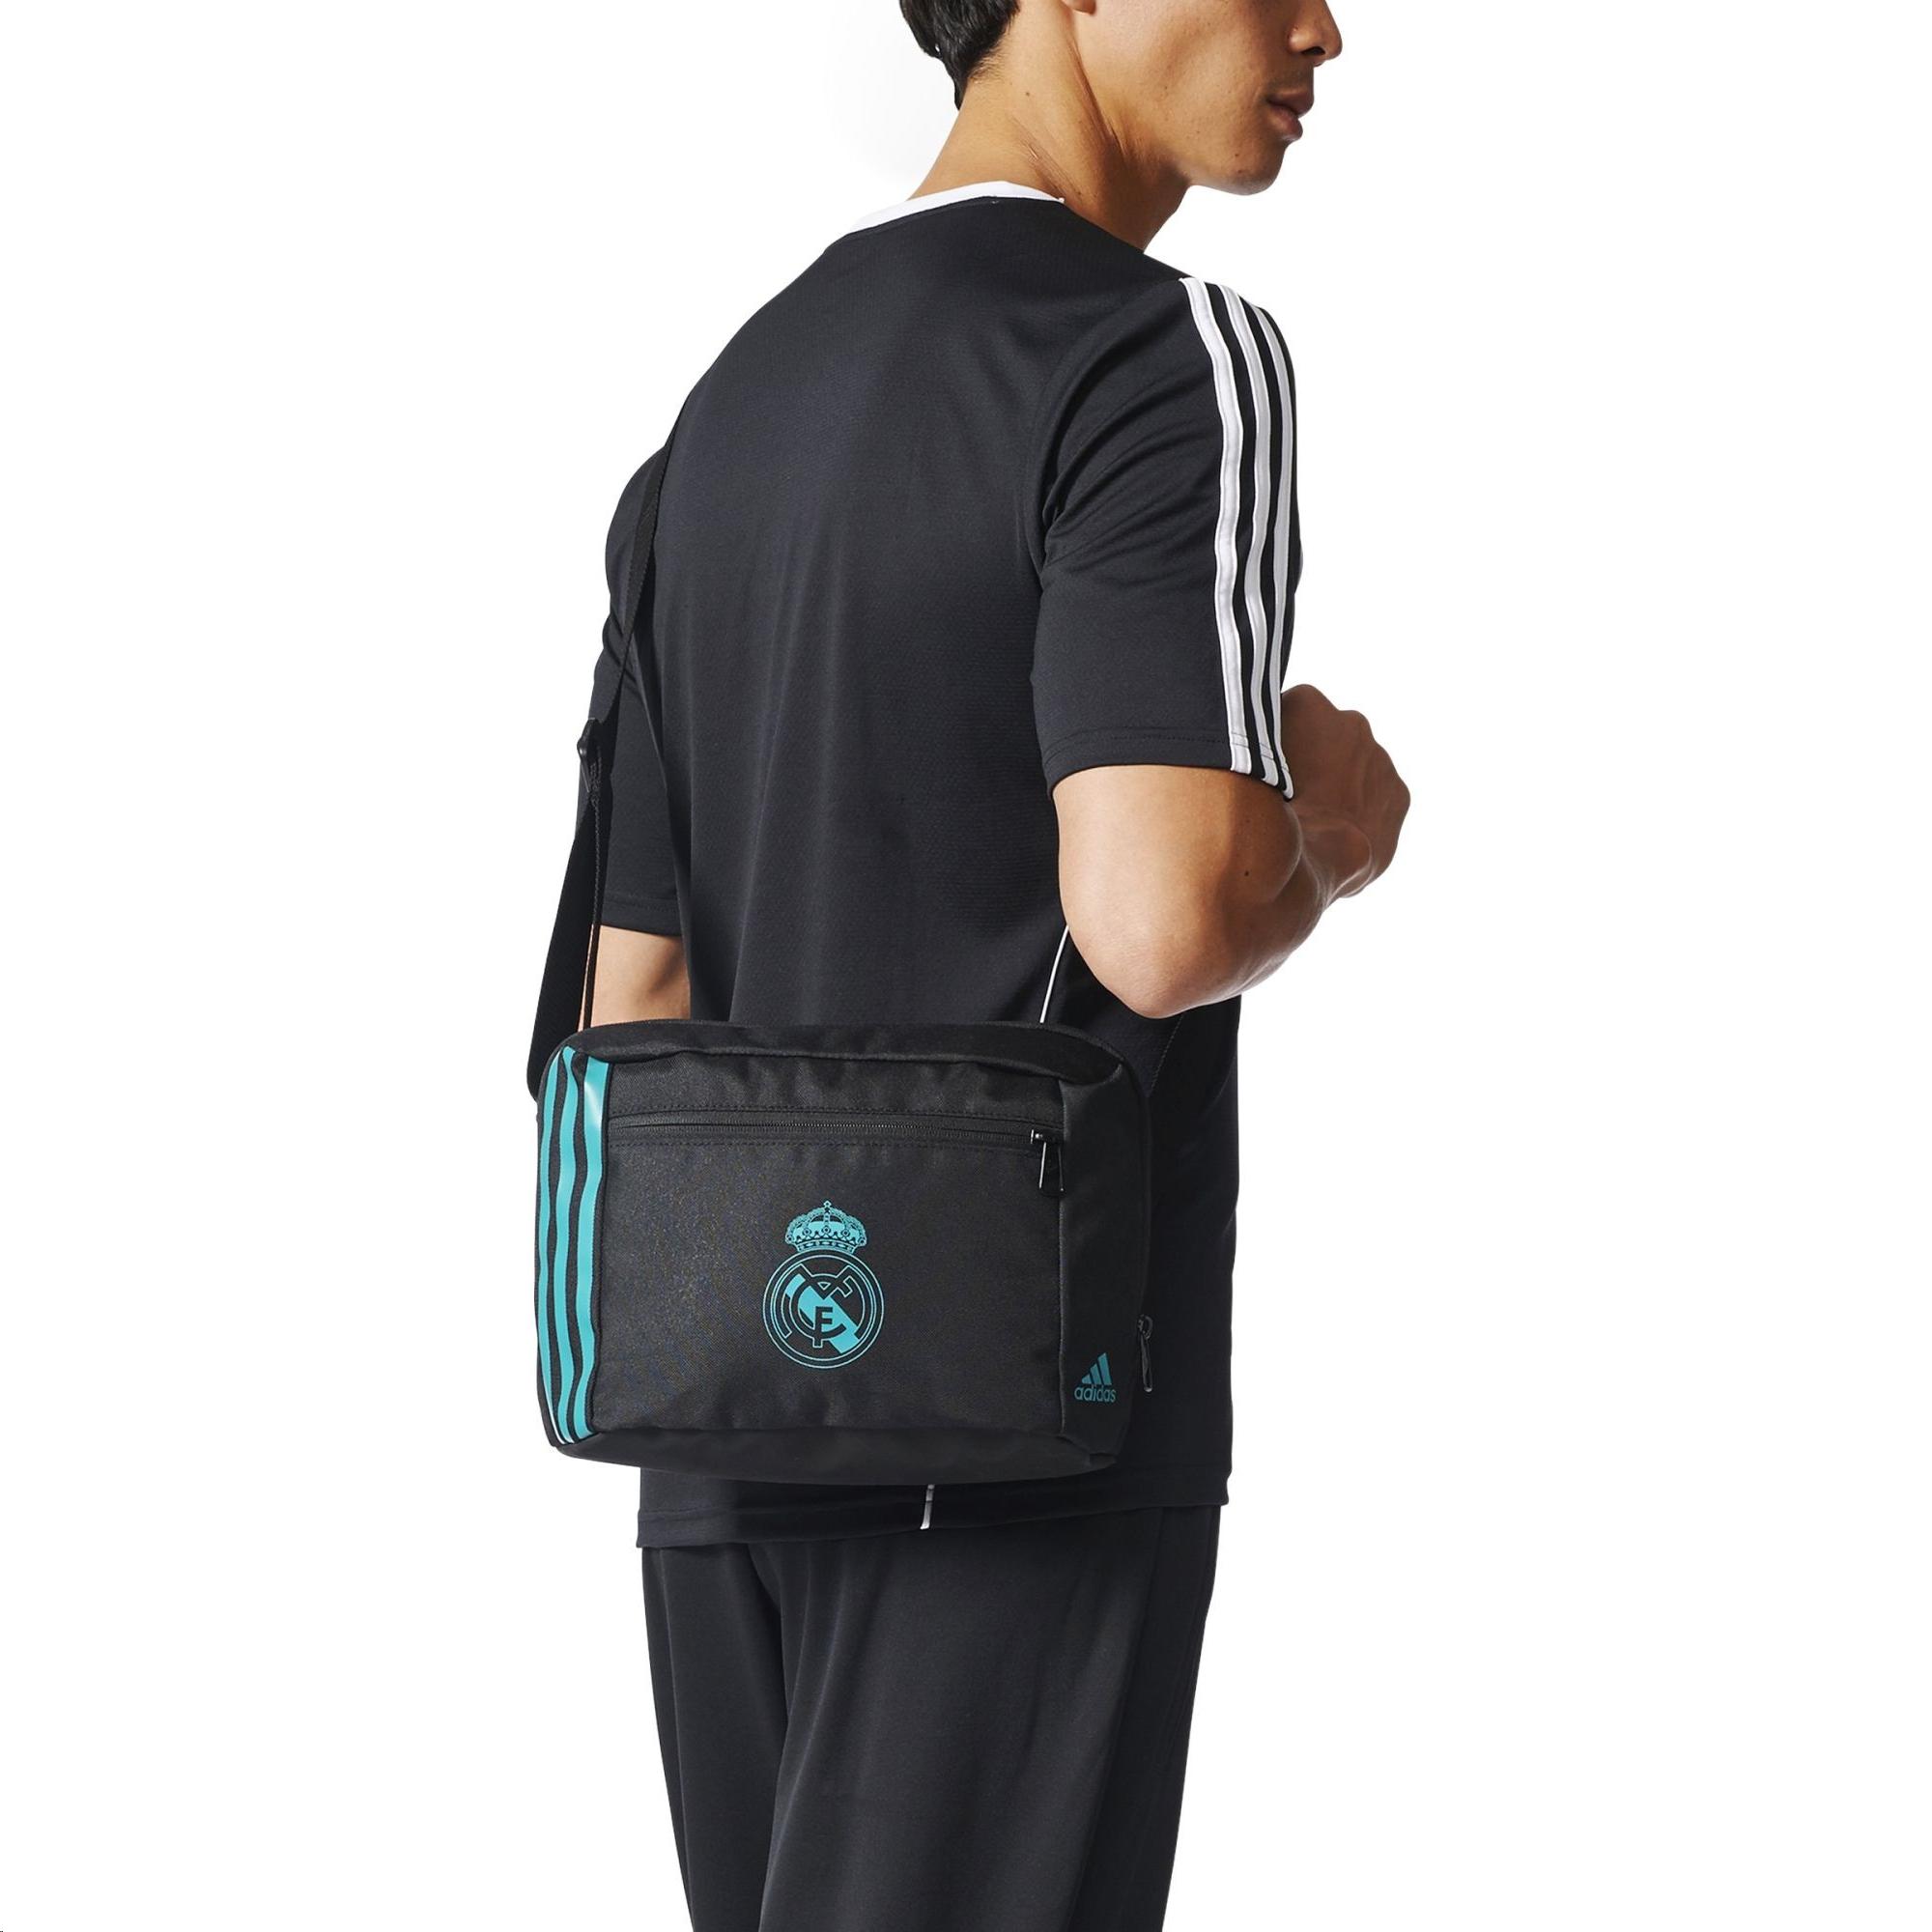 1e89da3a4 Venta de Bolso Adidas Real Organiser Negro - Deportes Moya